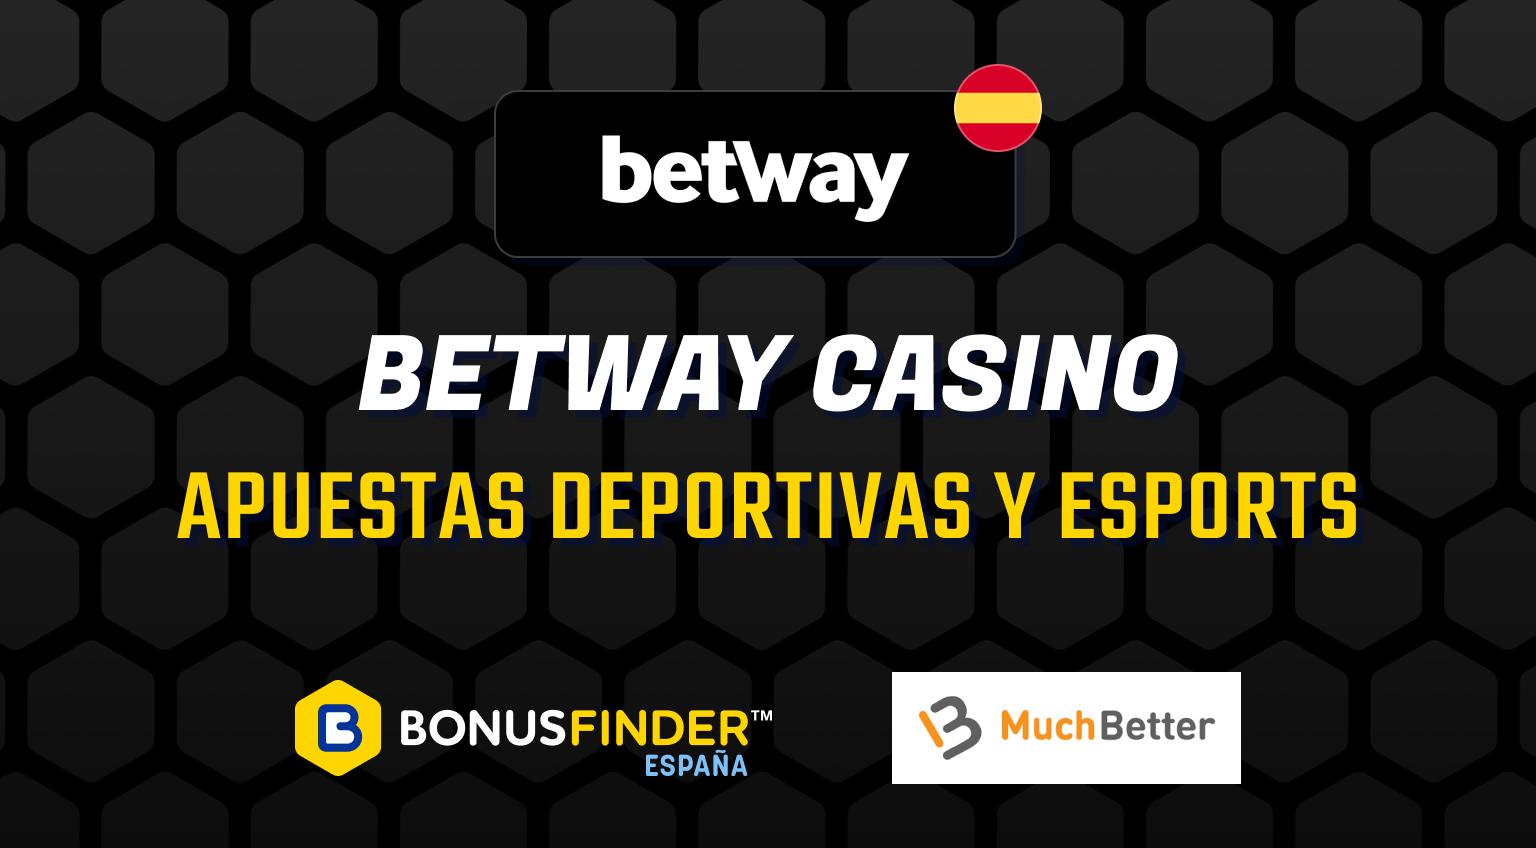 betway casino españa